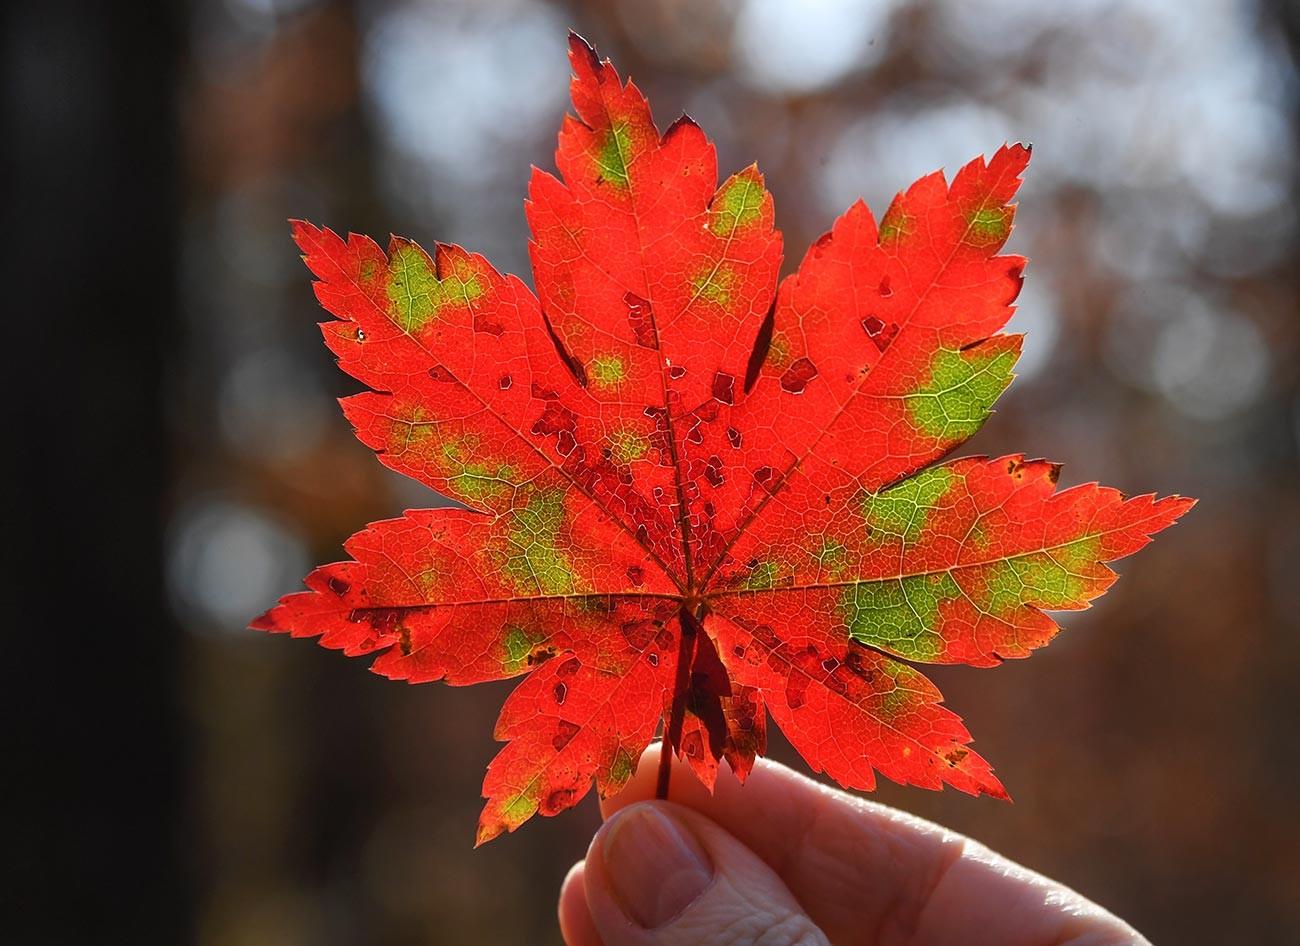 Daun musim gugur di Timur Jauh.